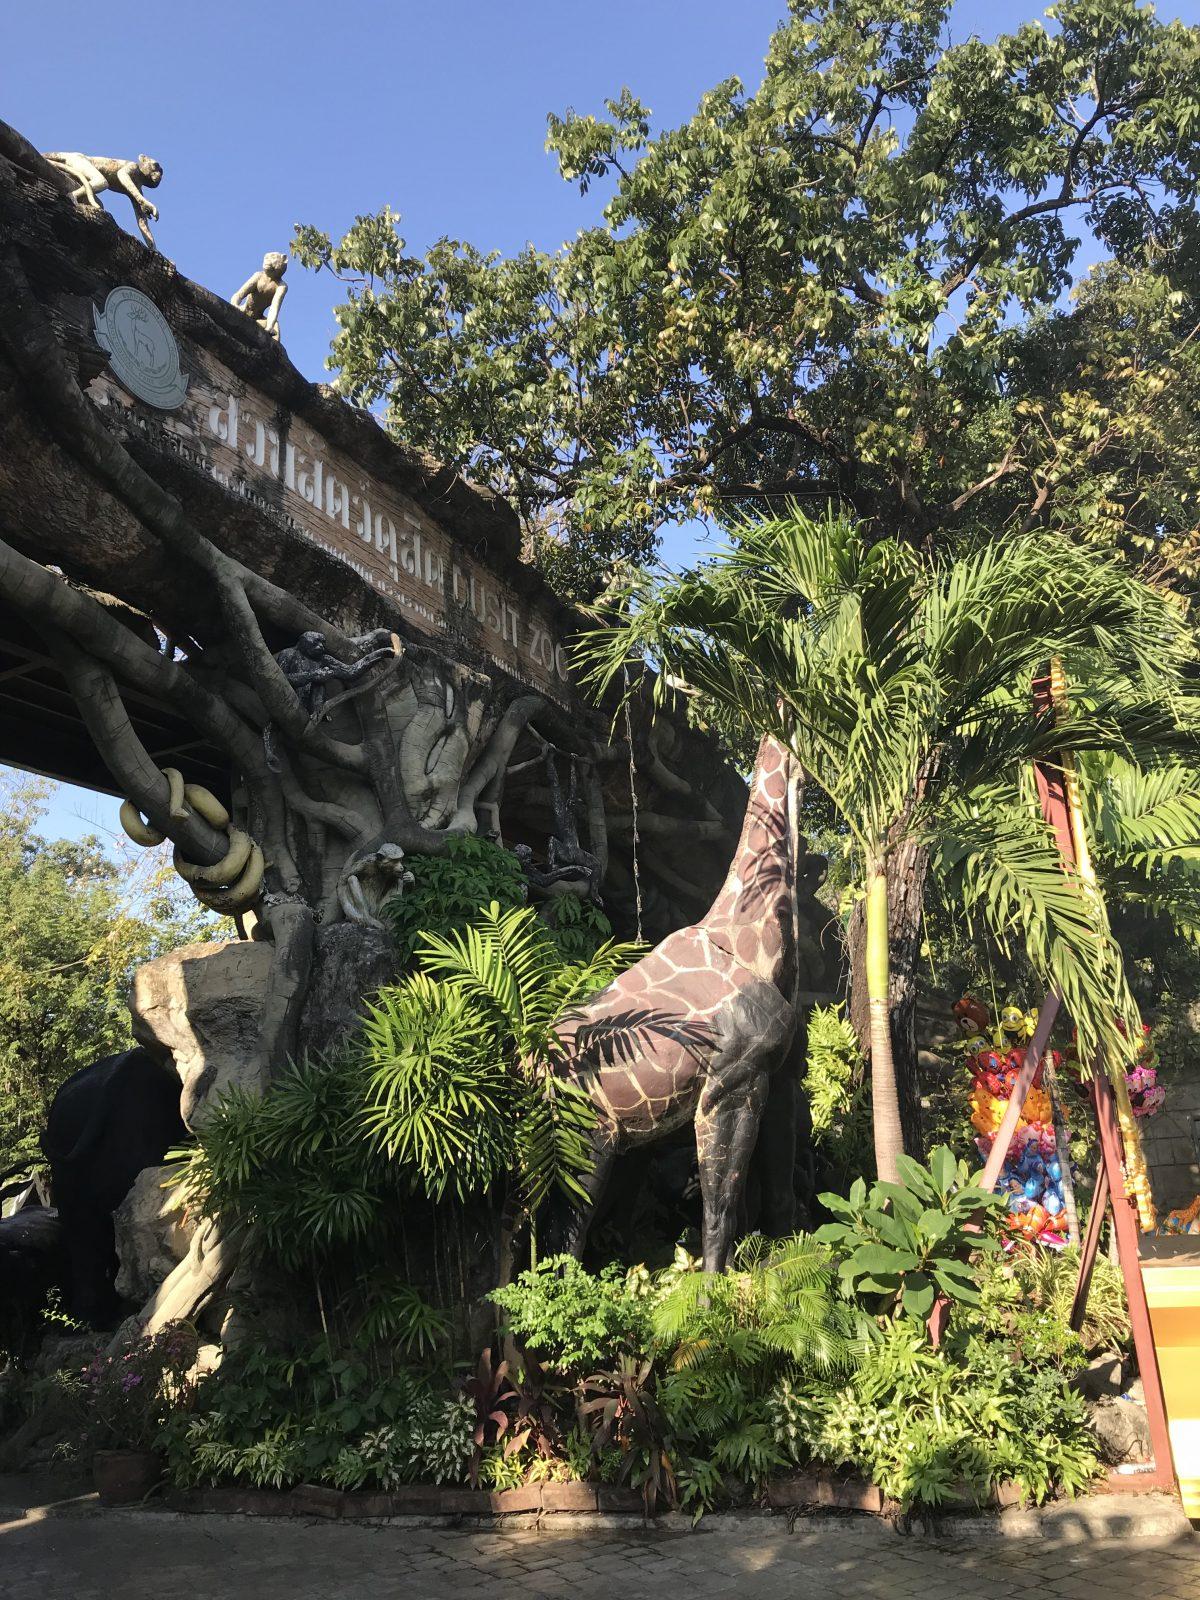 Dusit Zoo entrance